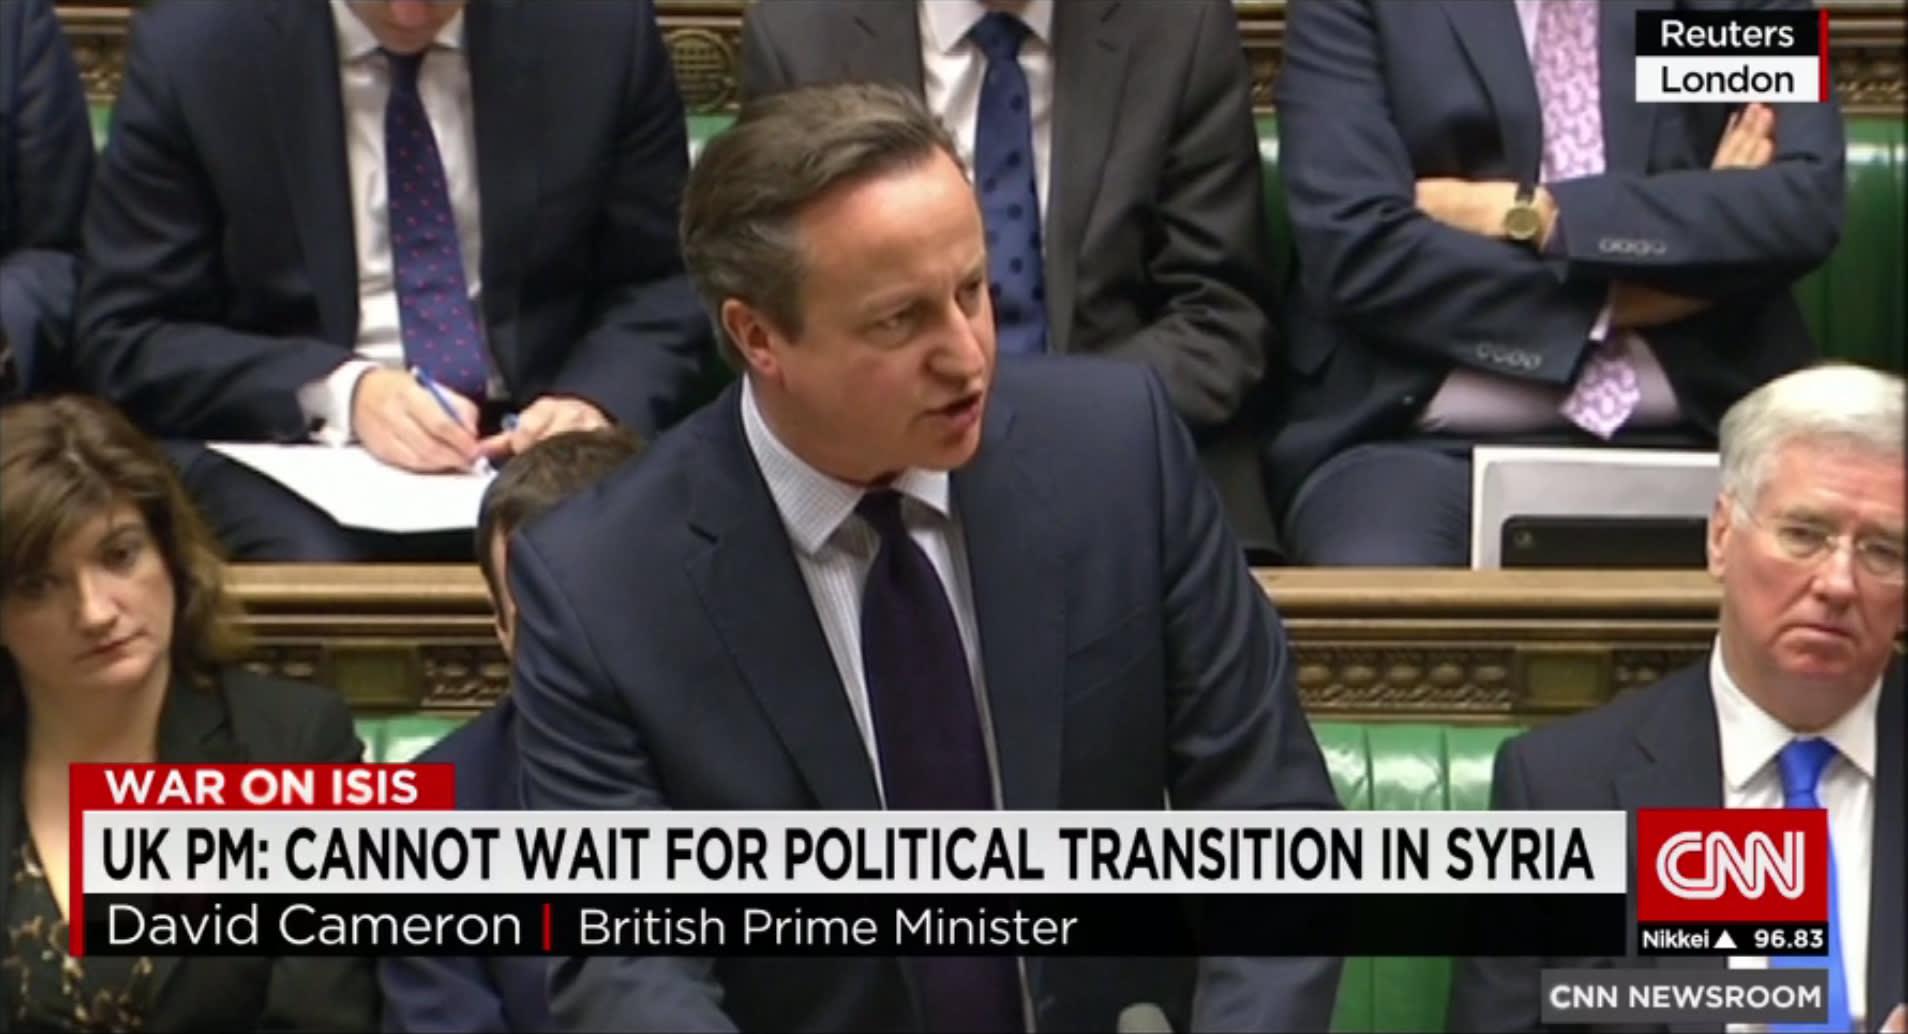 كاميرون للبرلمان البريطاني: علينا مهاجمة داعش في سوريا الآن.. والأسد لا يمكن أن يكون جزءا من حل الأزمة